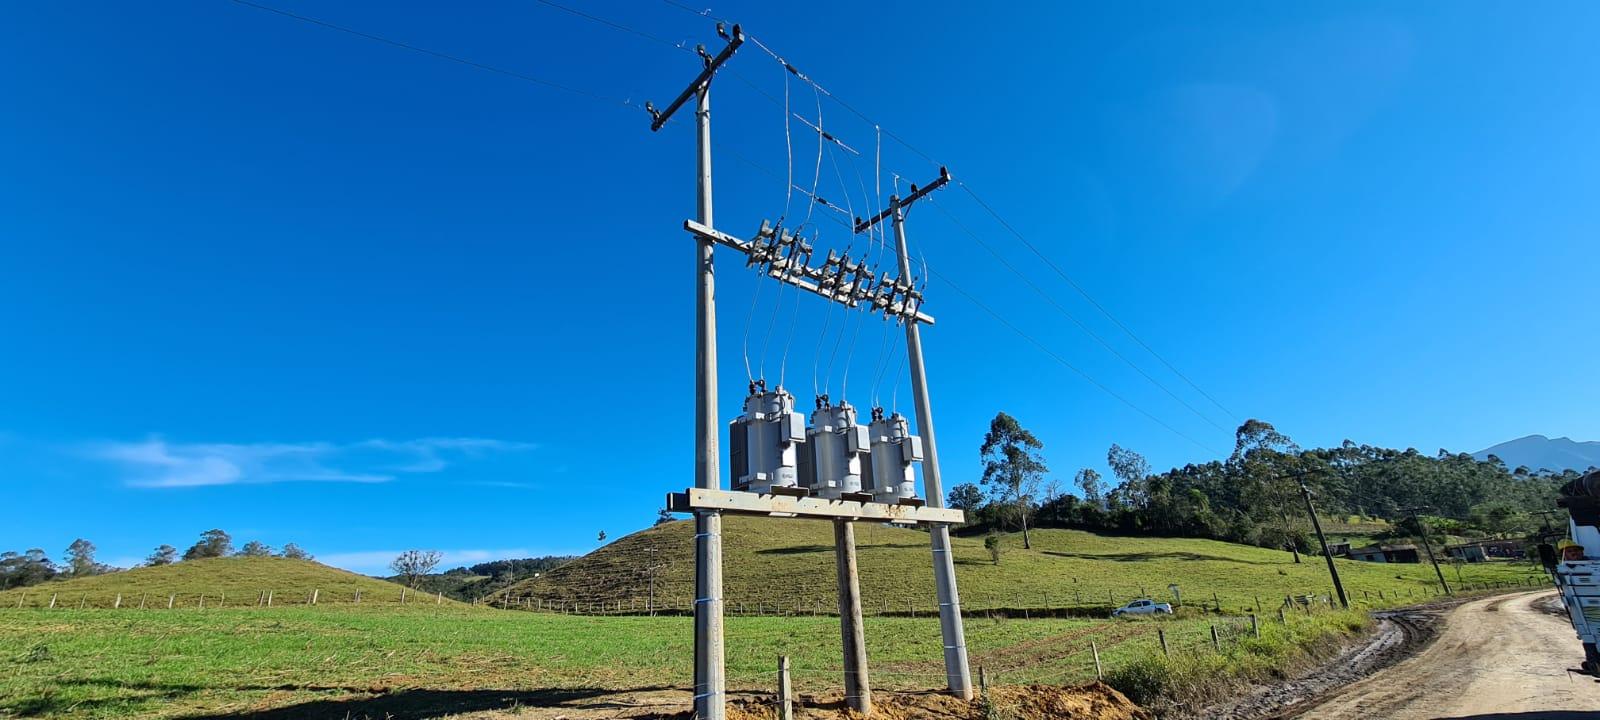 COOPERMILA instala mais uma banca de regulador de tensão na rede de distribuição